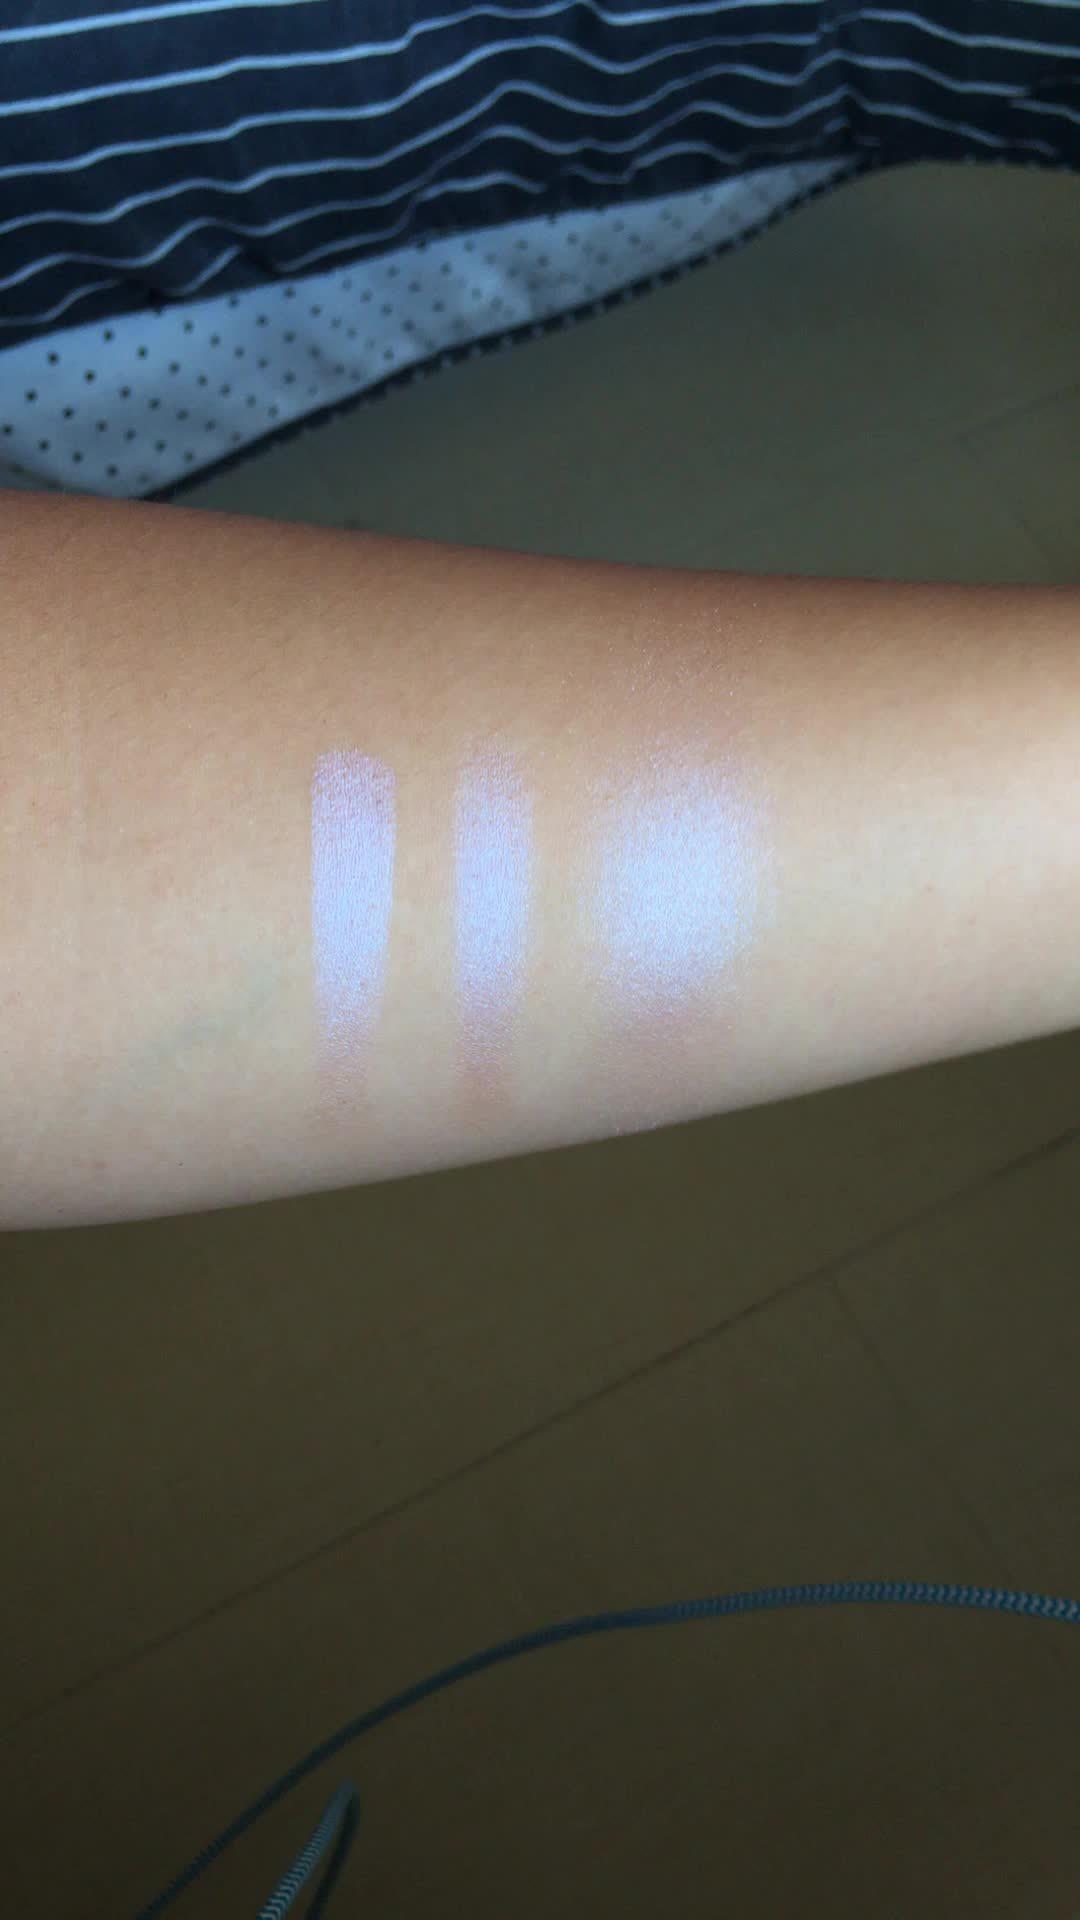 MakeupAddiction, makeupaddiction,  GIFs